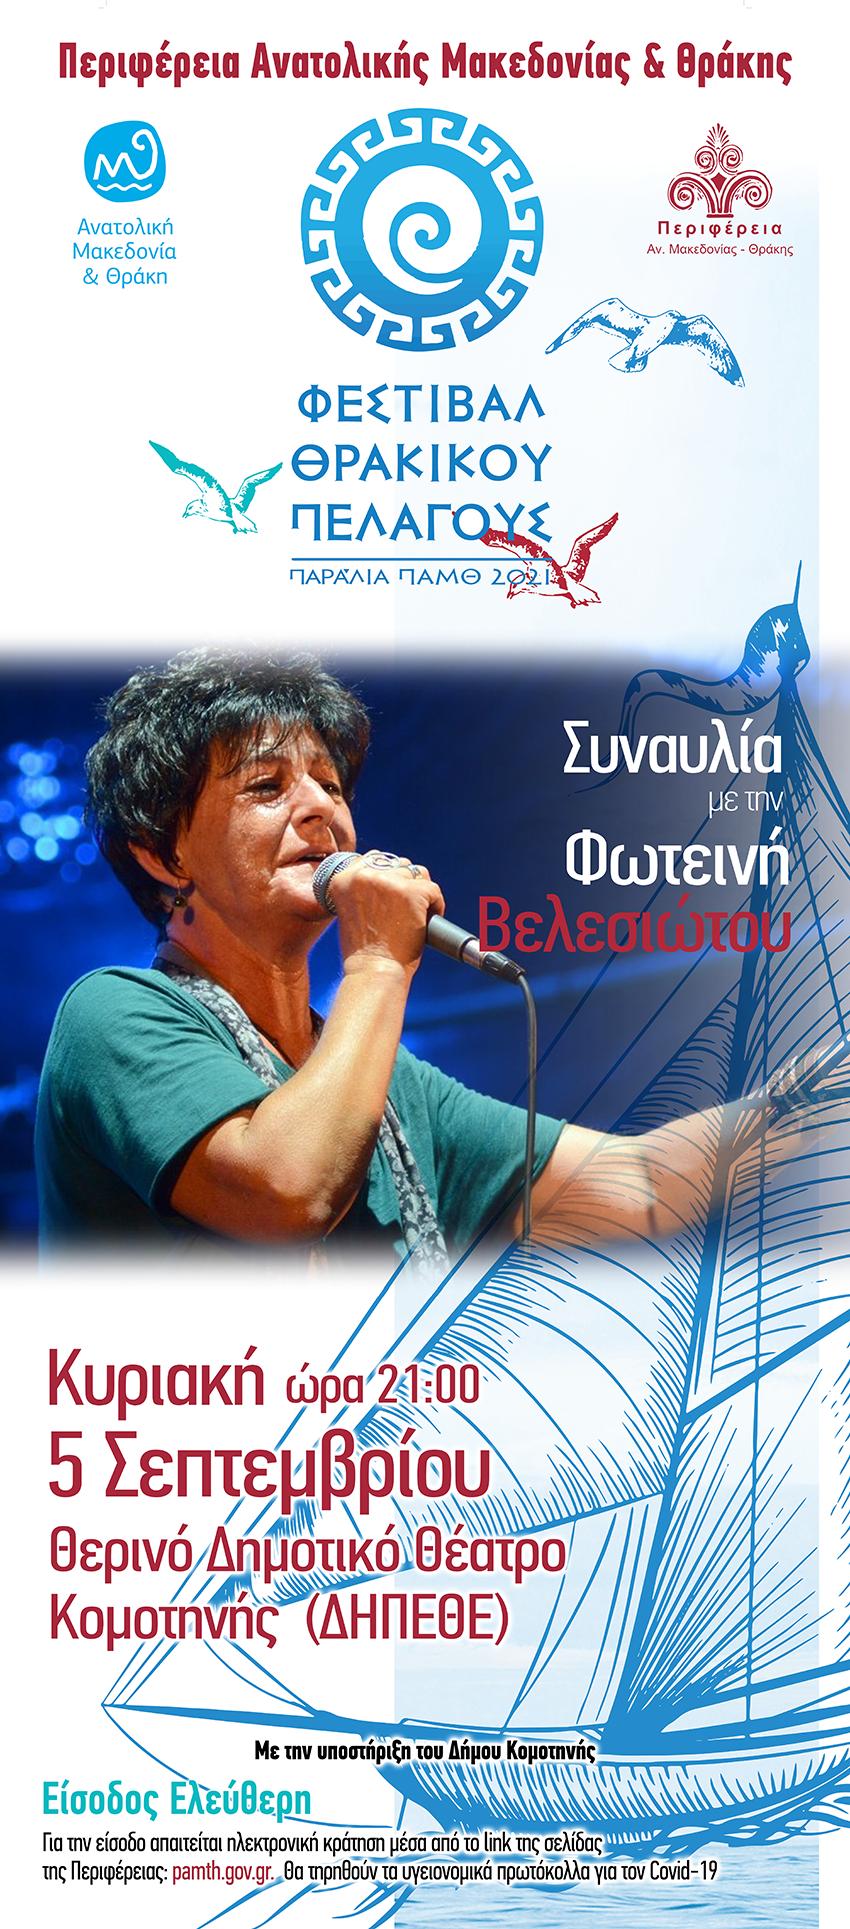 Μουσική εκδήλωση – συναυλία με τη Φωτεινή Βελεσιώτου